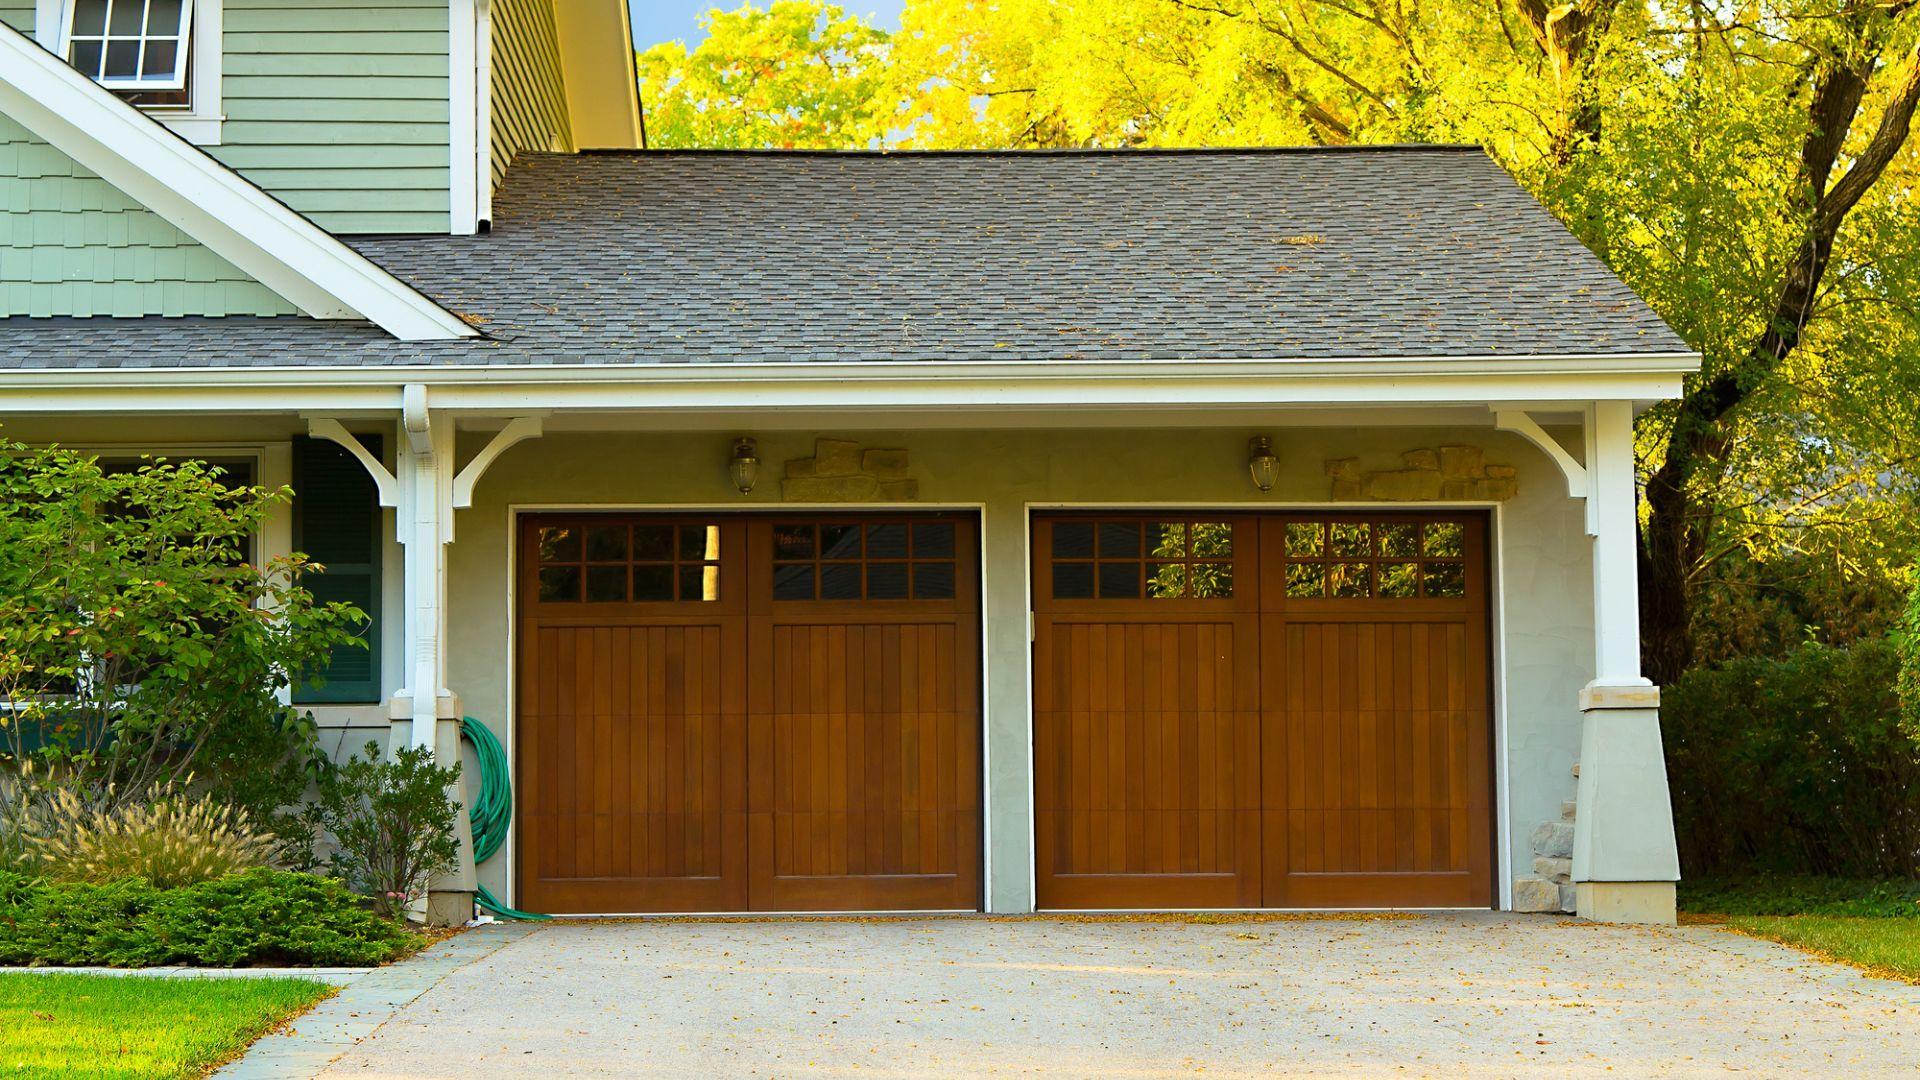 How To Lubricate Garage Door The Drive In 2020 Garage Doors Garage Door Design Modern Garage Doors